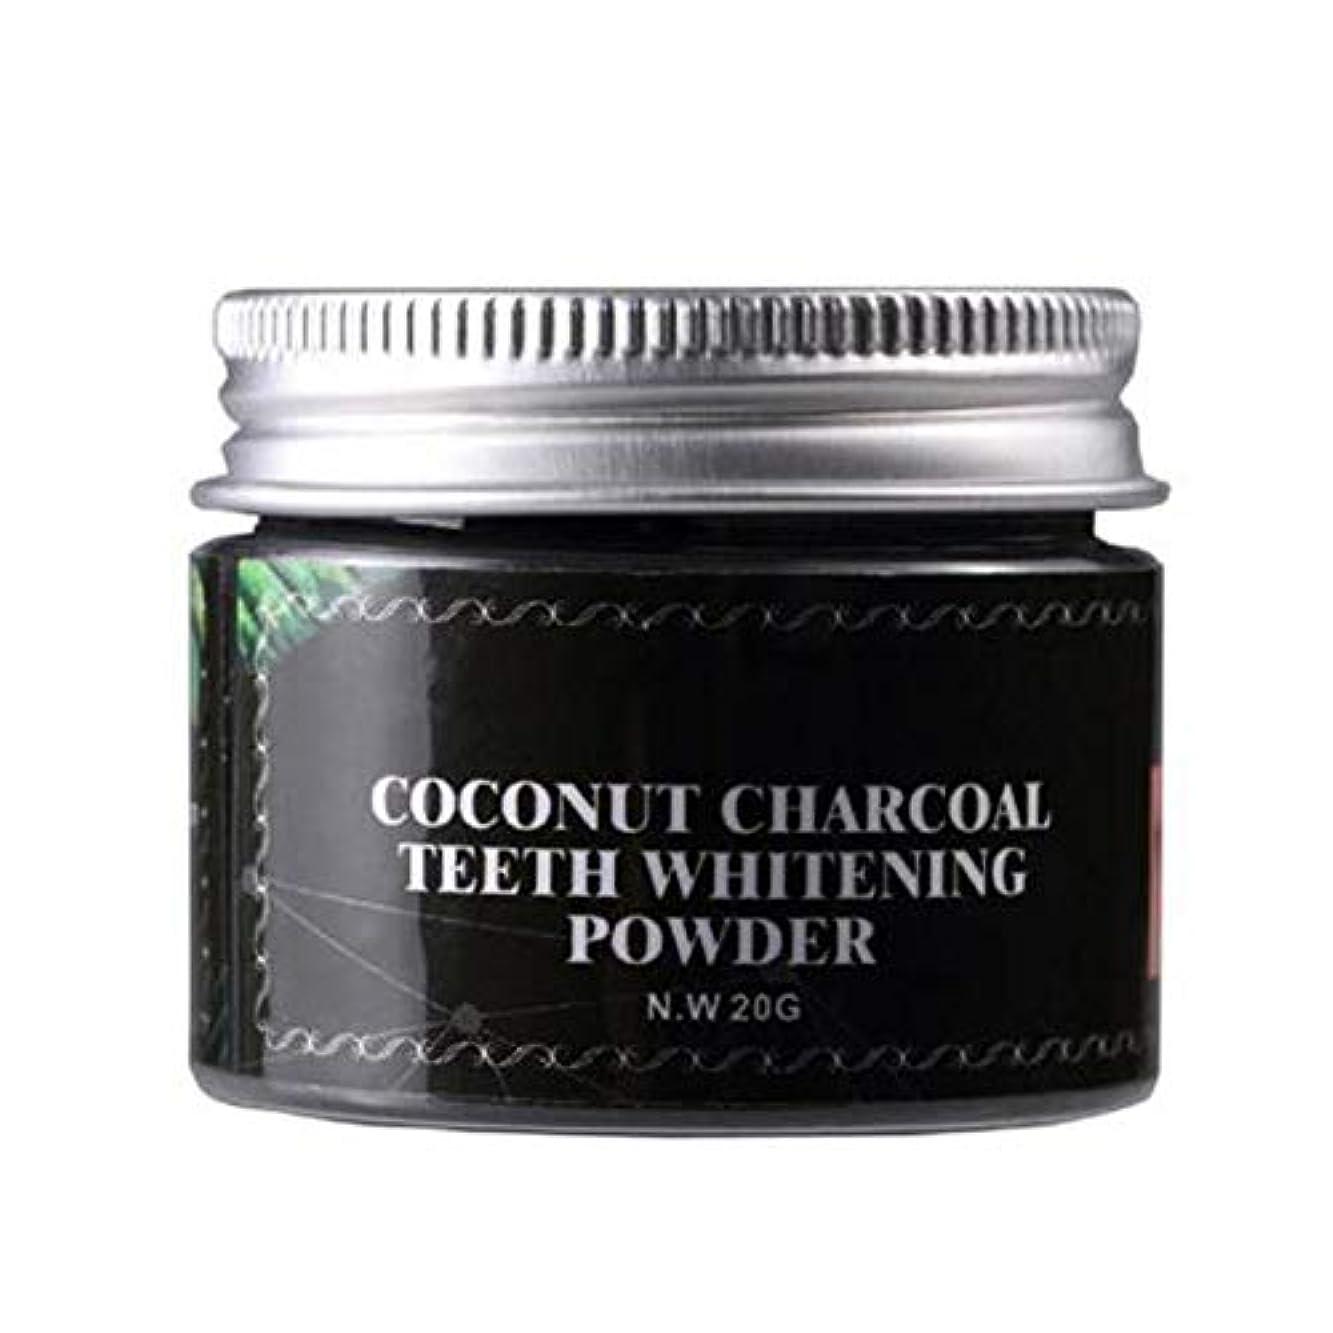 スパイラルフィクション対処オーラルケアパウダーナチュラルココナッツ活性炭粉末ホワイトニングパウダーティーコーヒー汚れ除去剤粉末